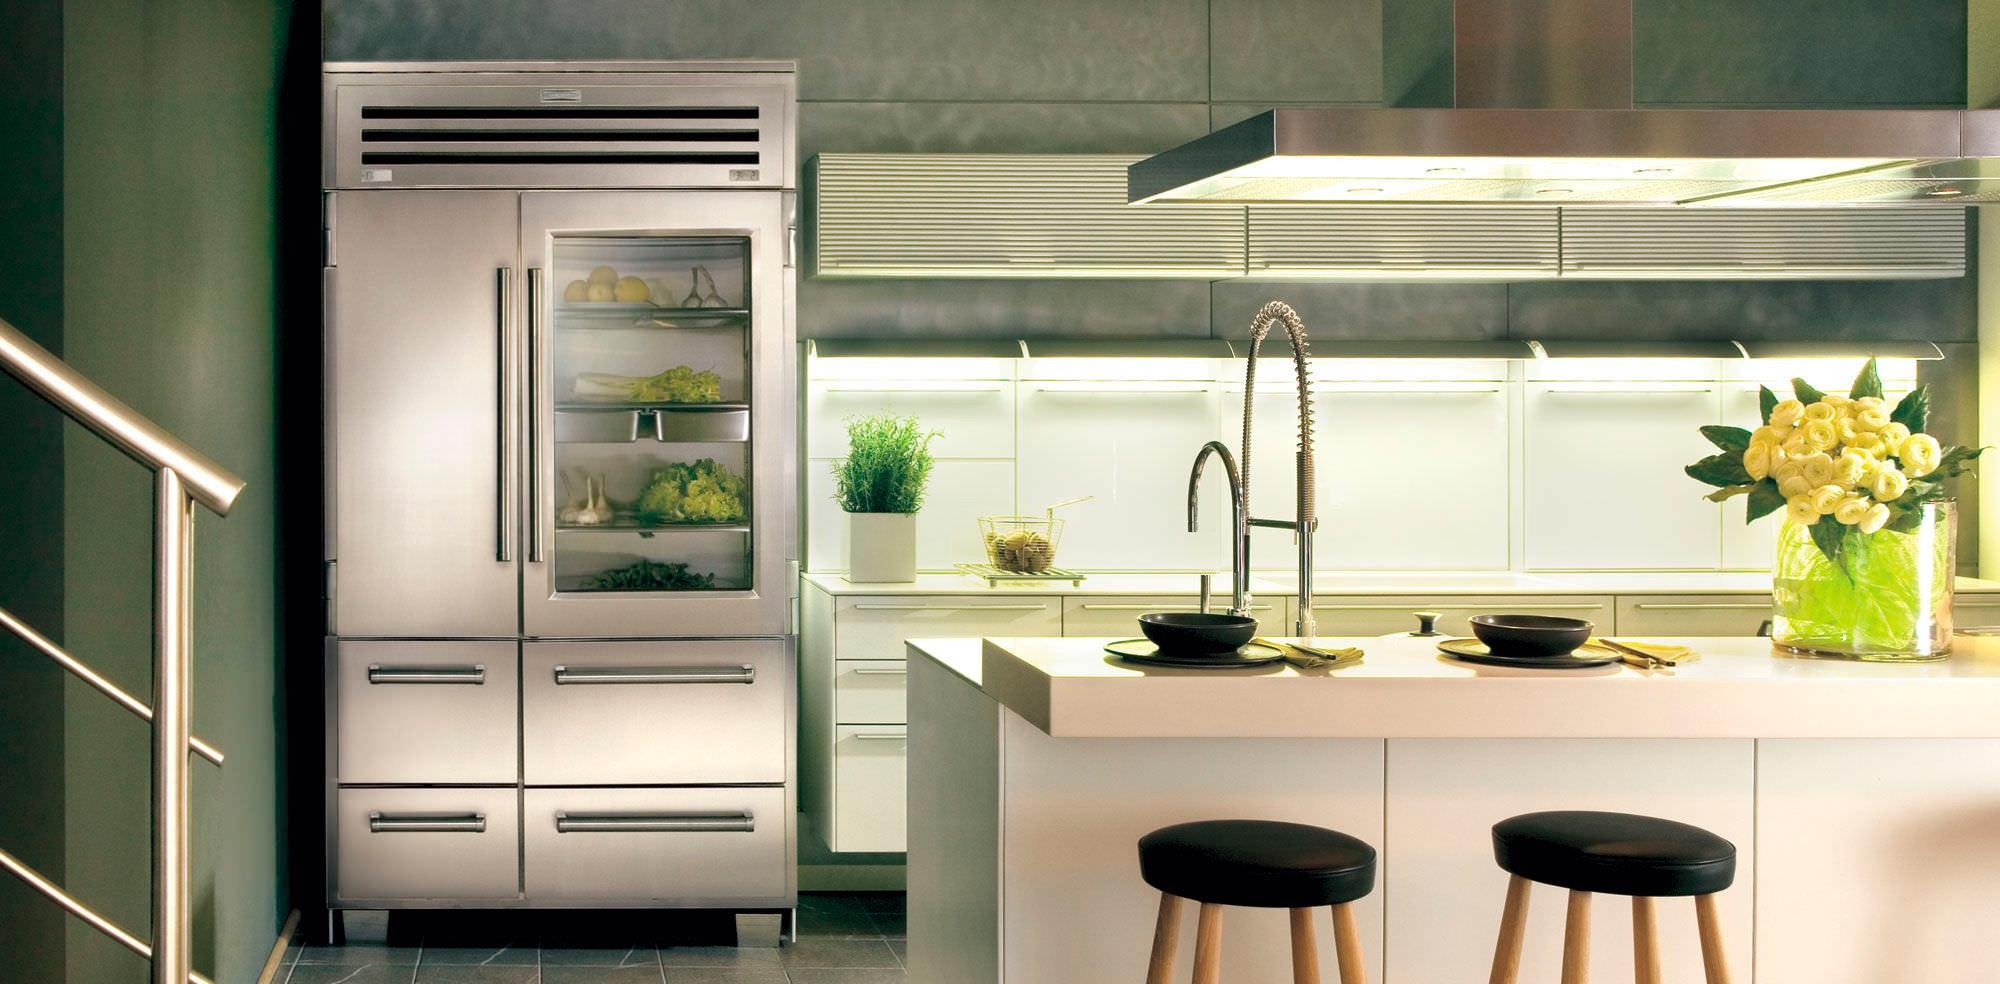 Двухдверный холодильник с отделением для зелени